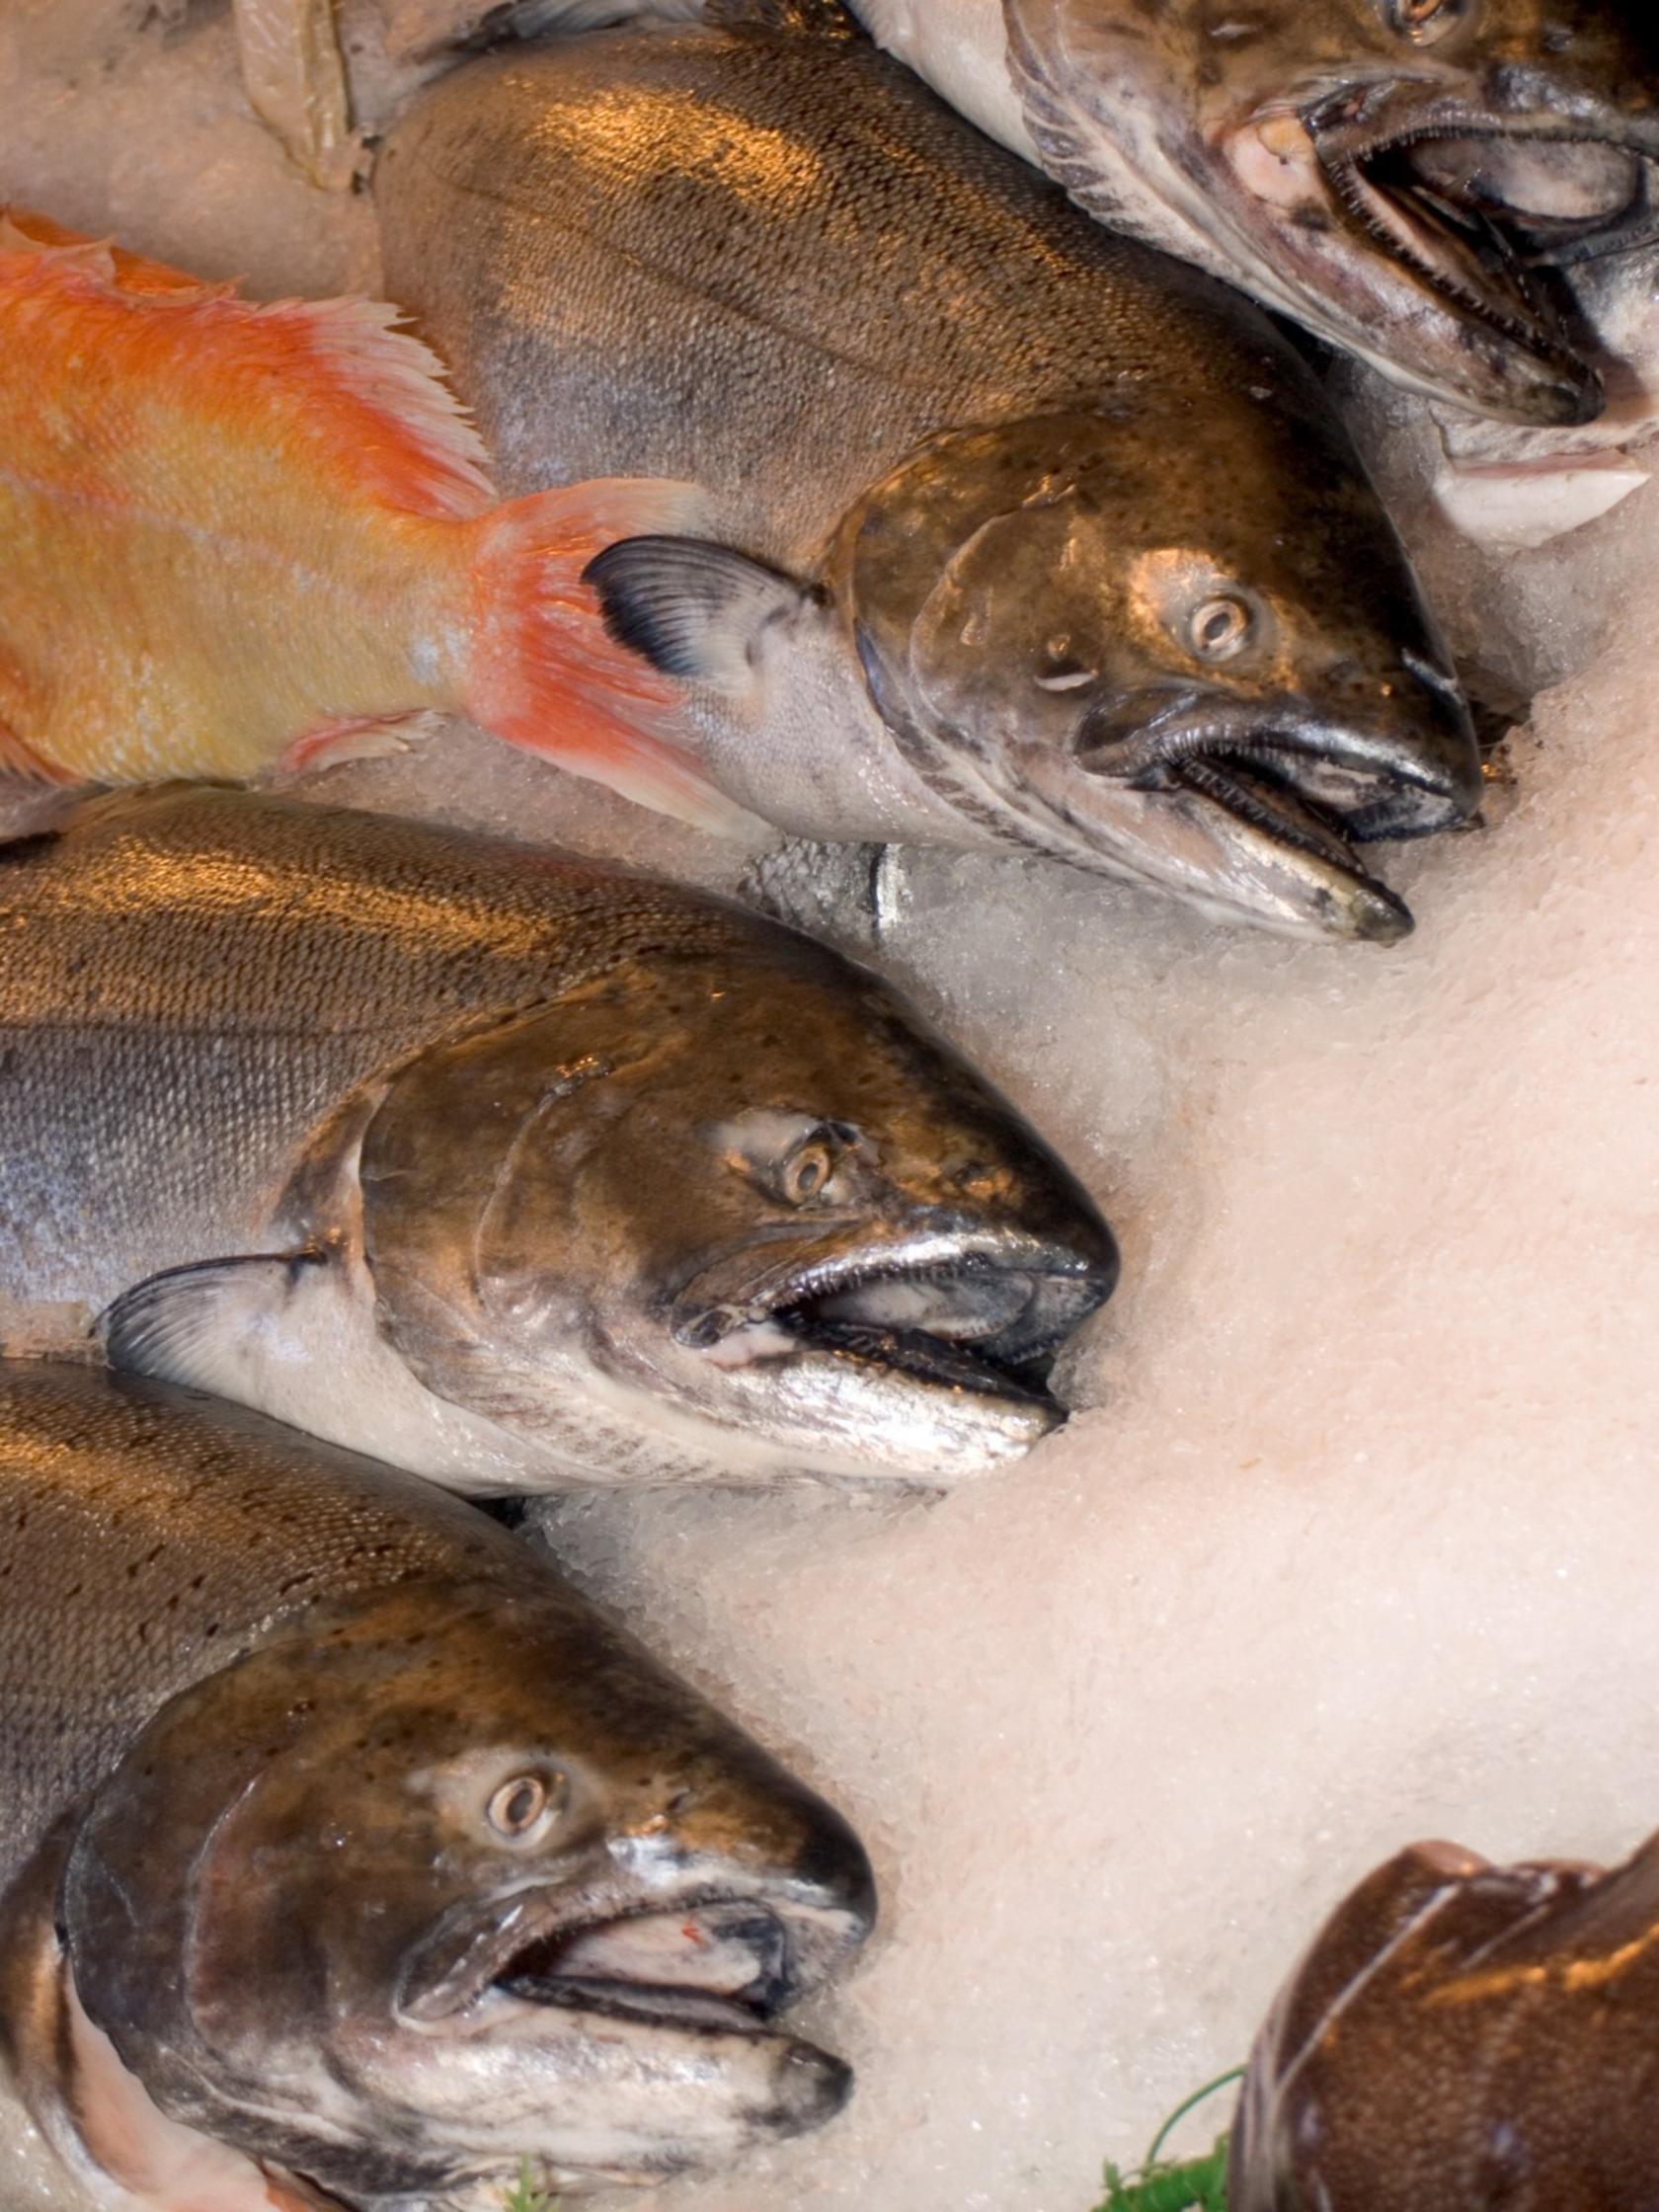 Fotoğraf Gıda Balık Tutma Taze Piyasa Suda Yaşayan Balık